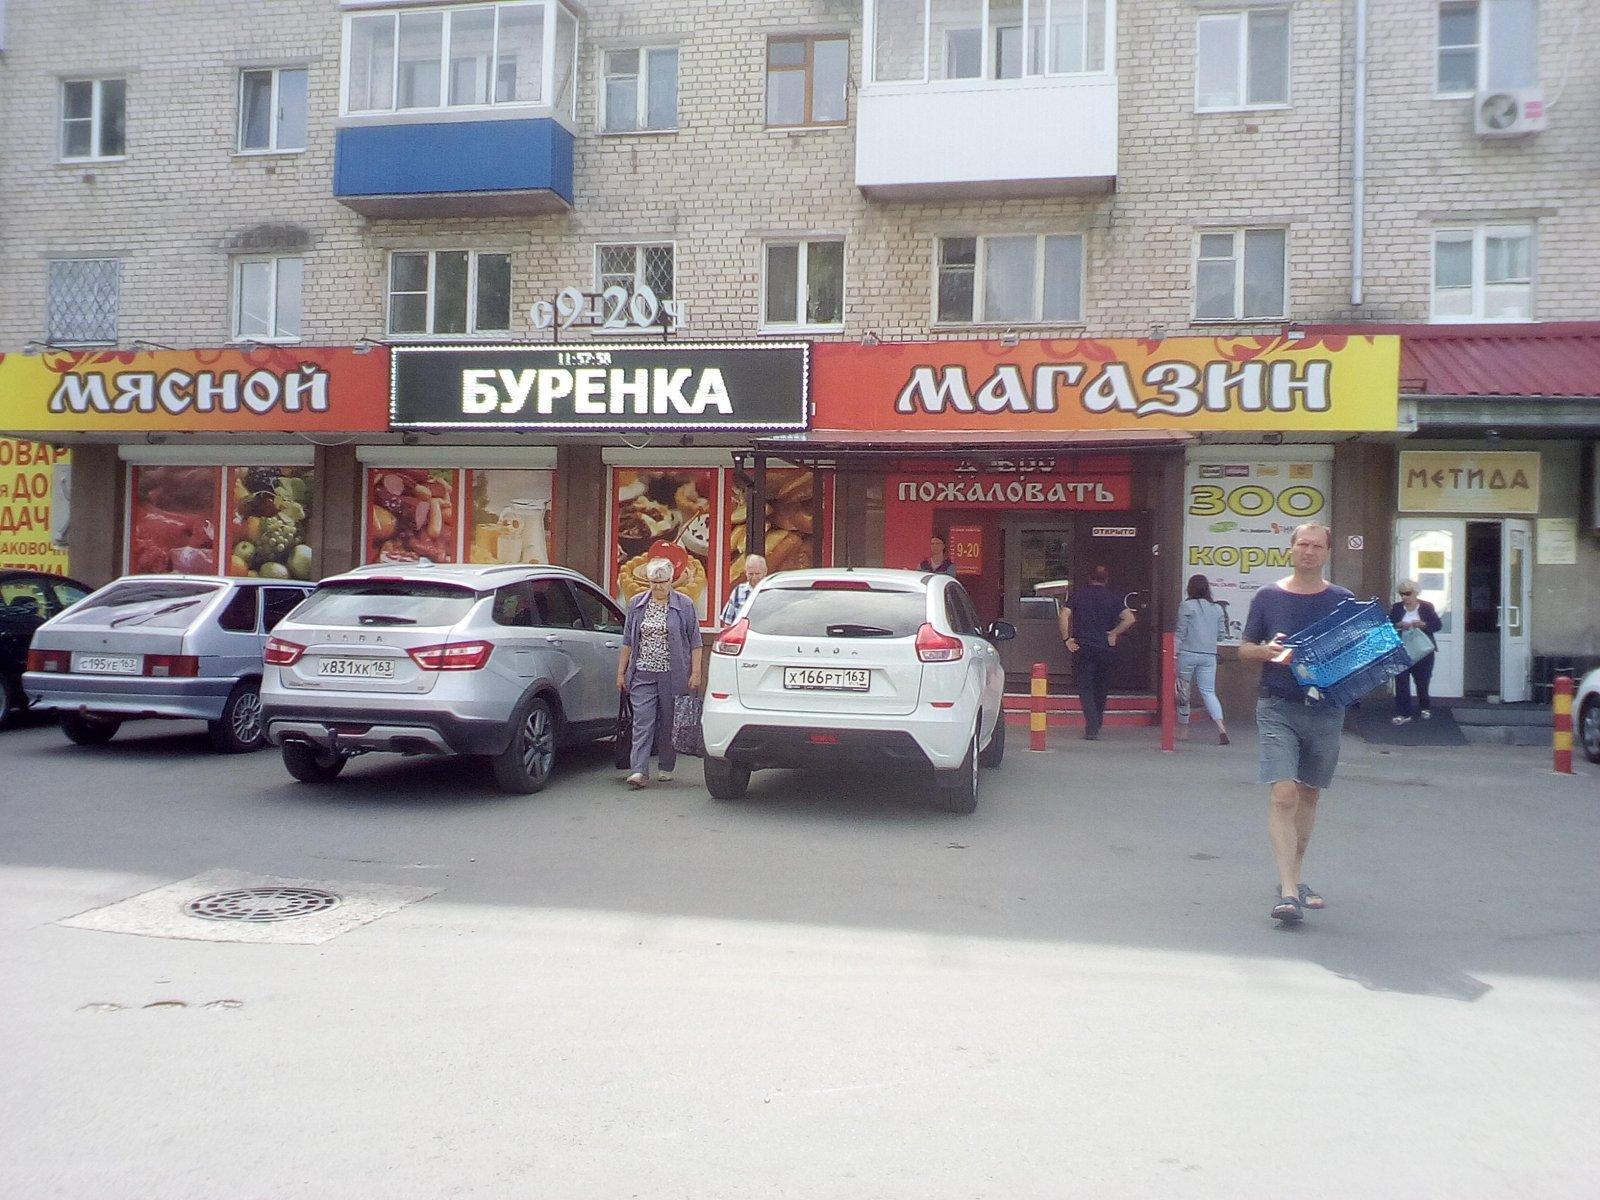 Магазин Буренка Тольятти Официальный Сайт